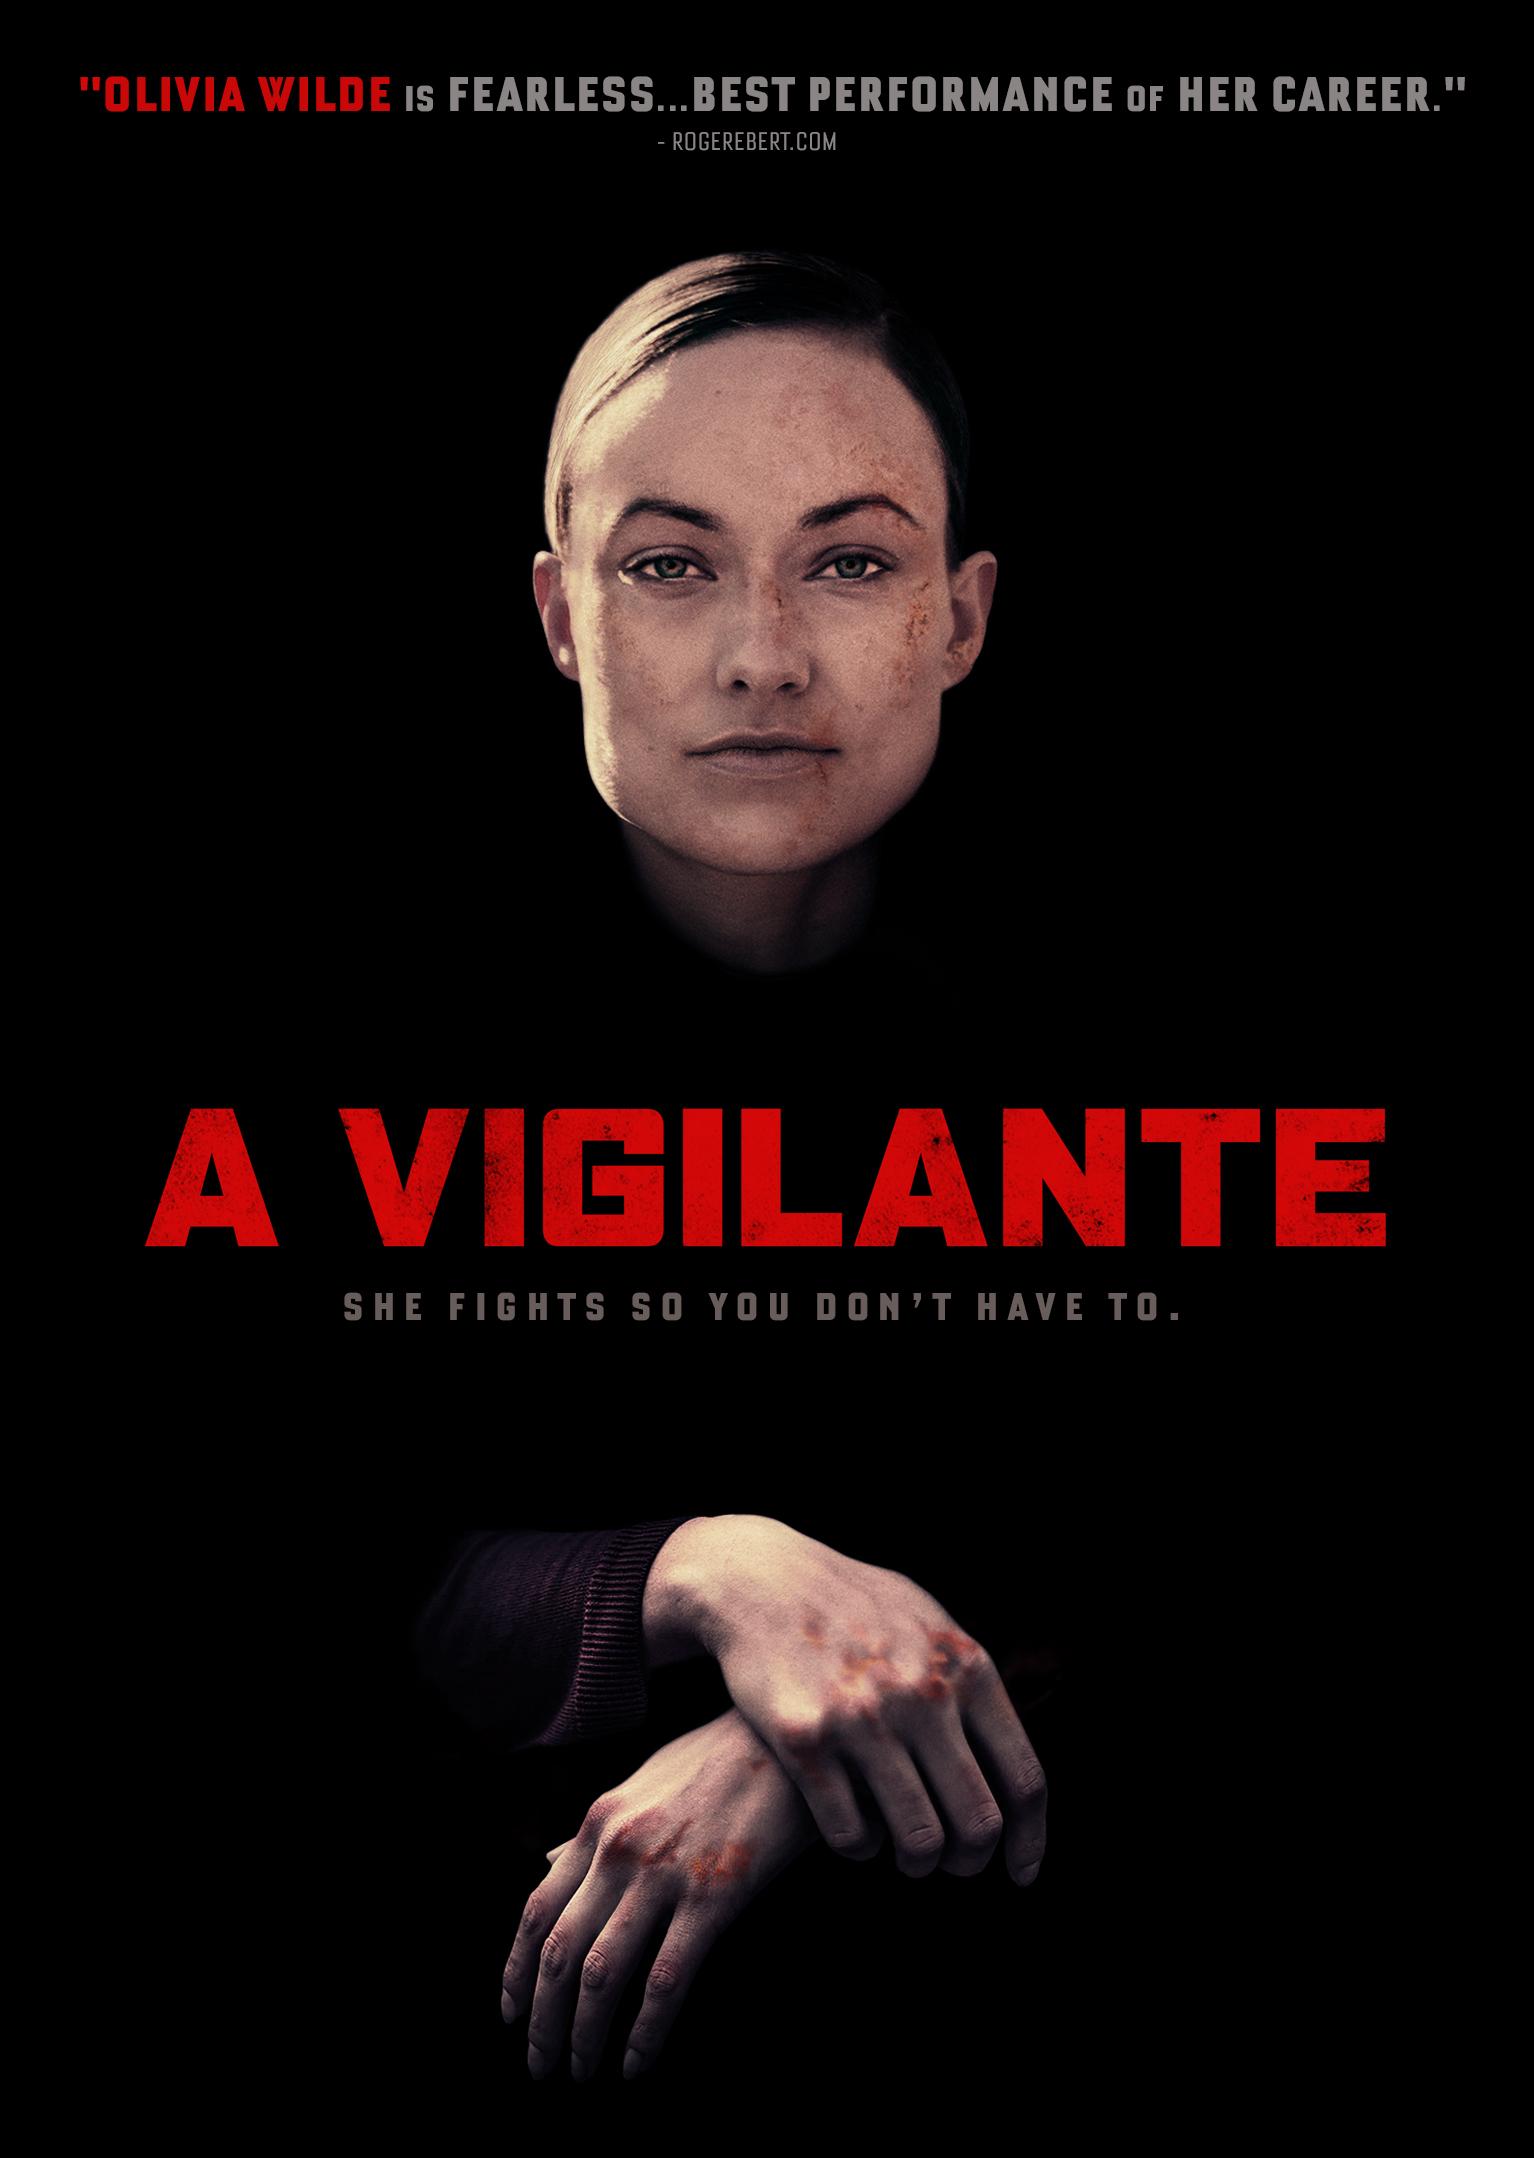 Vigilante, A